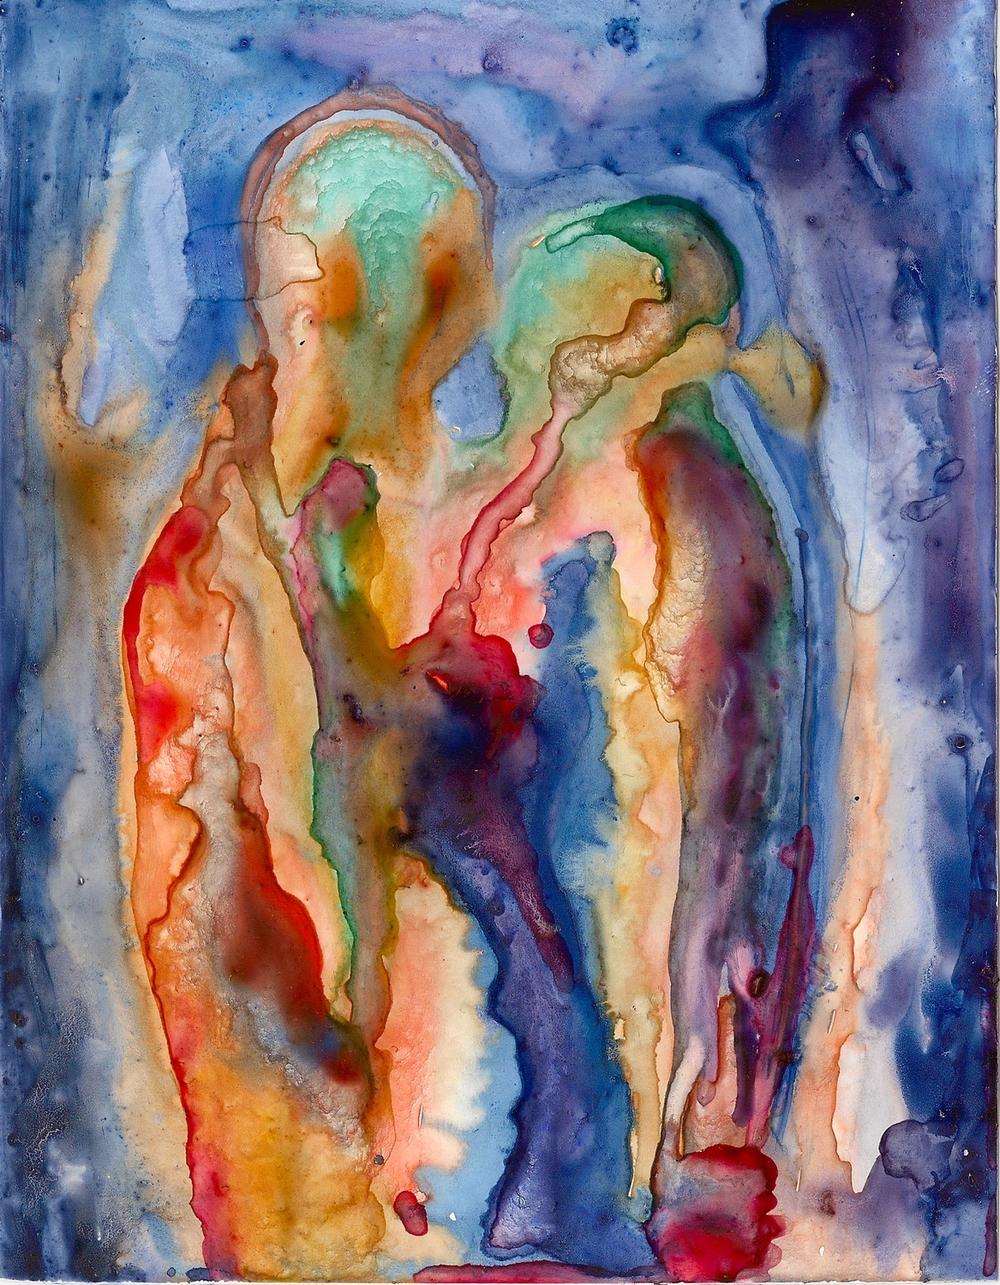 The Couple II